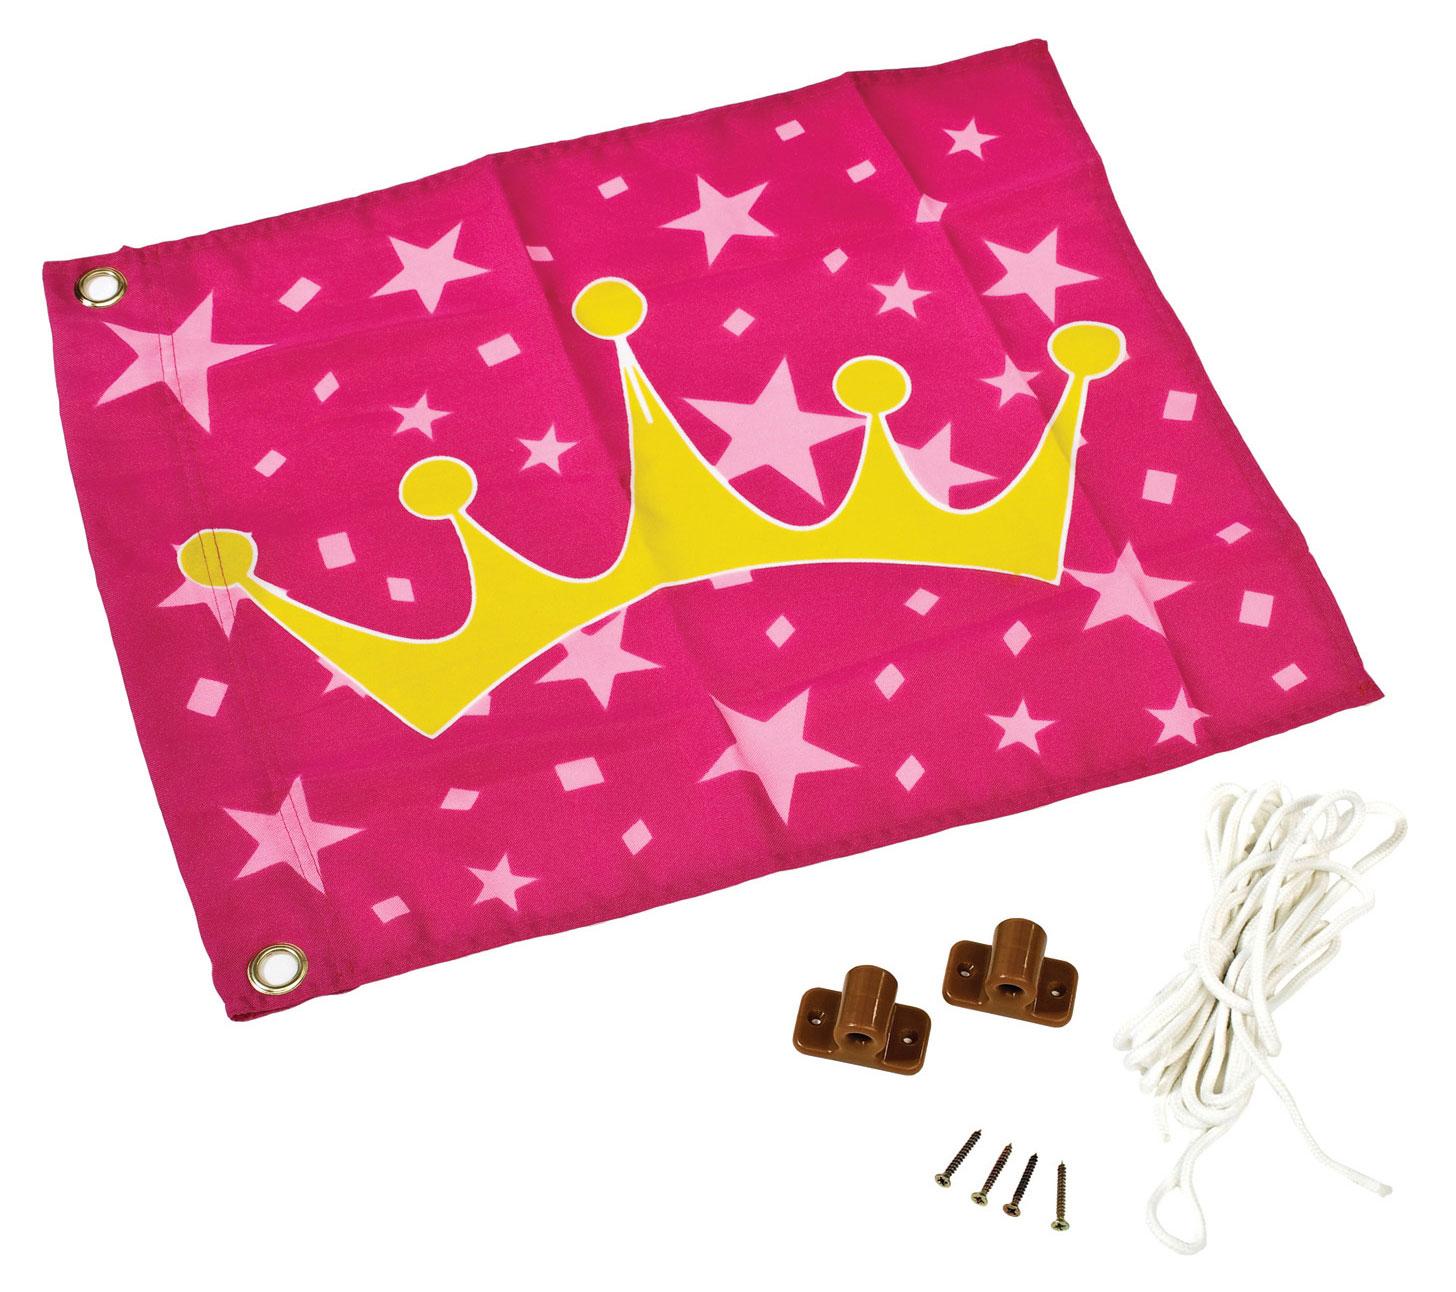 Karibu Akubi Fahne Prinzessinen 55x45cm Bild 1